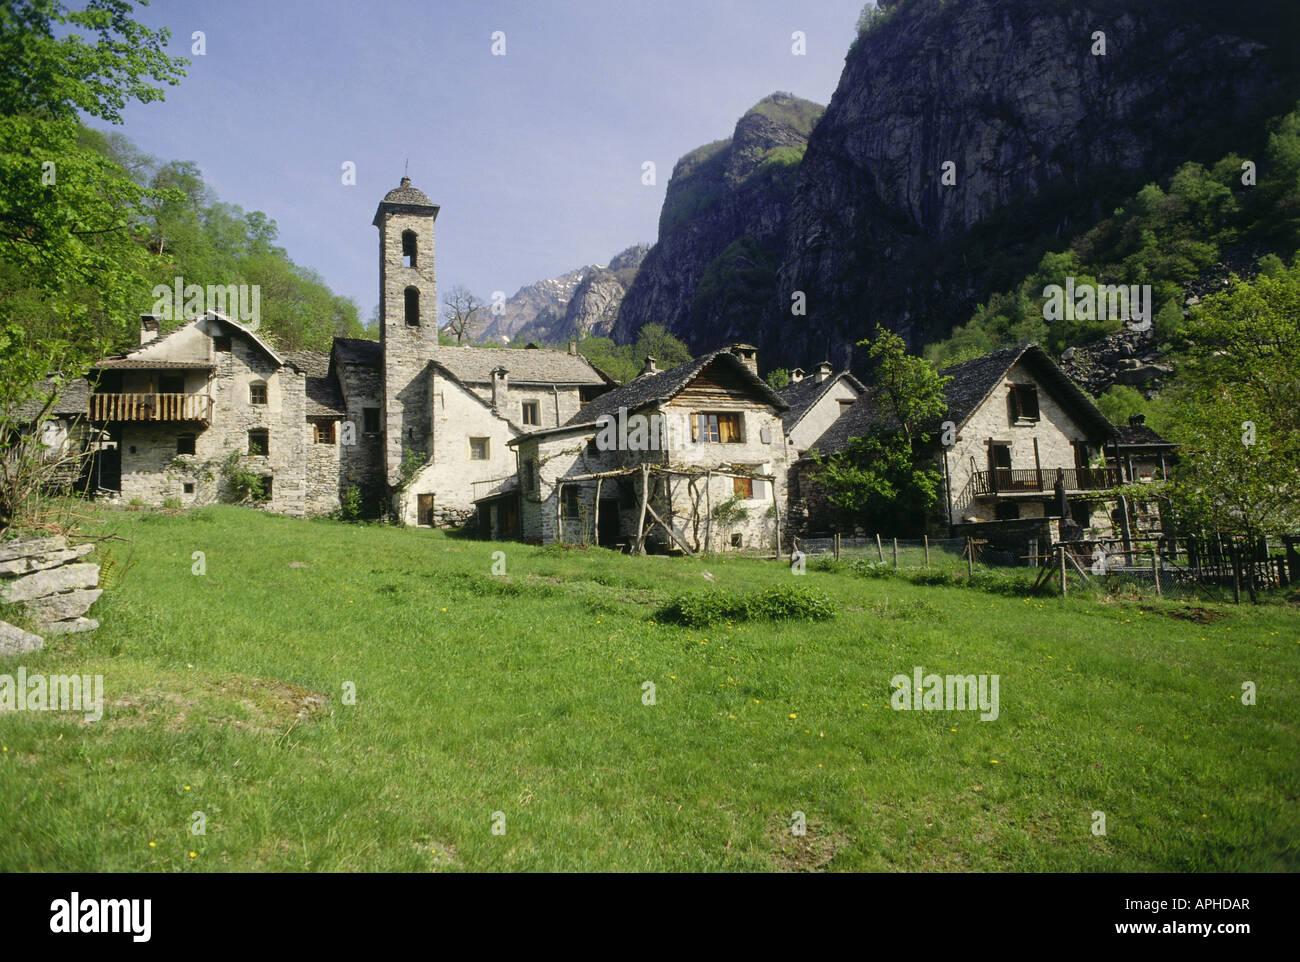 Case In Pietra Di Montagna : Geografia viaggi svizzera ticino val bavona foroglio europa